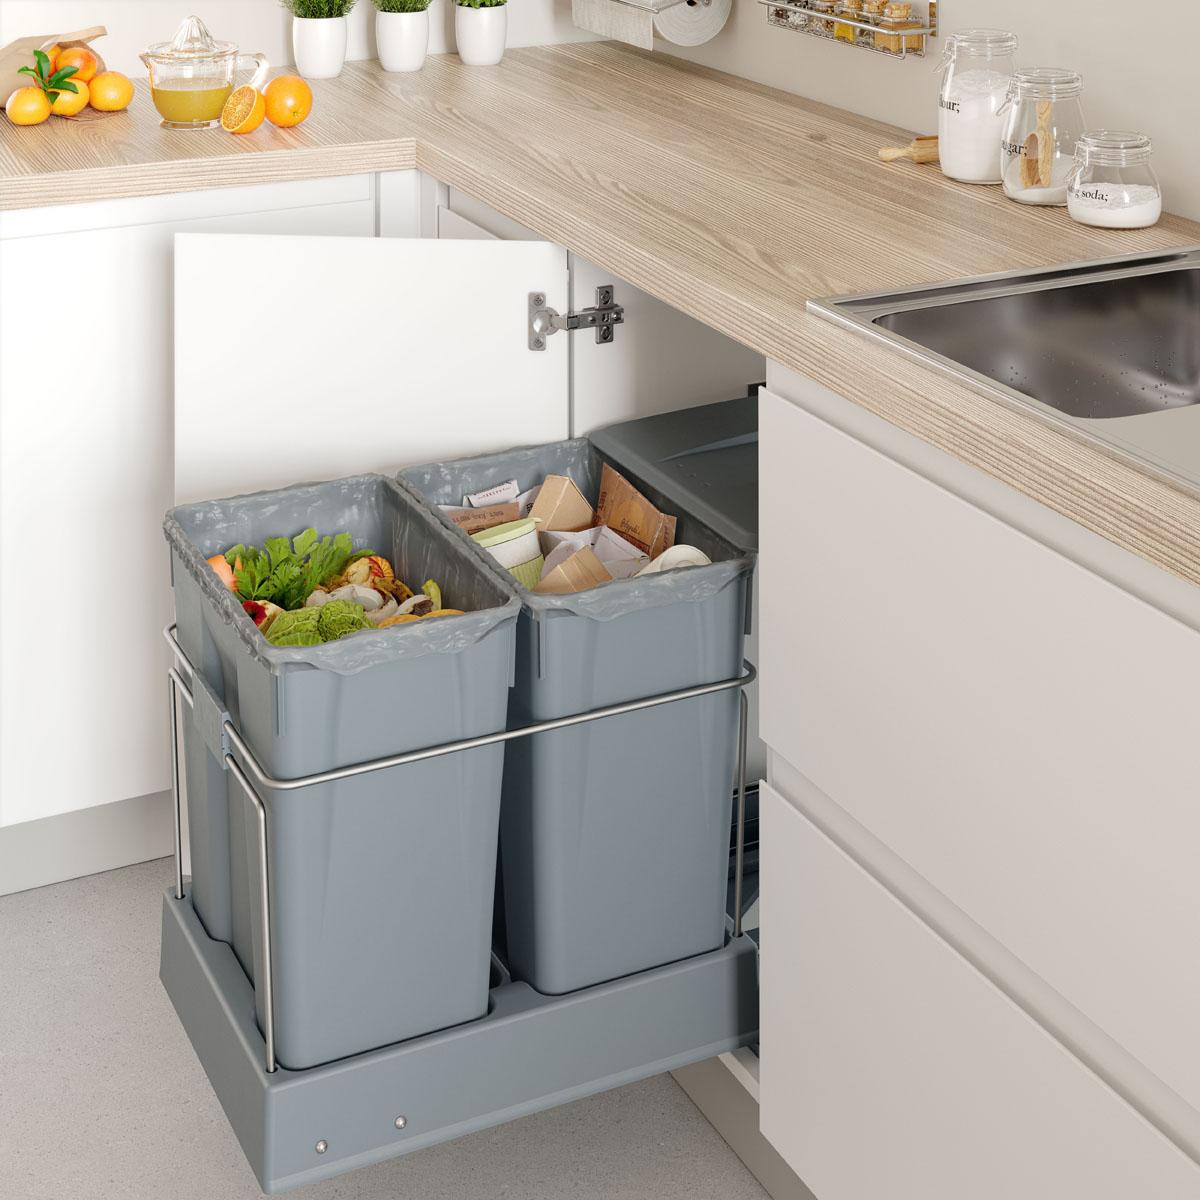 Cubos de basura extraible bajo el fregadero